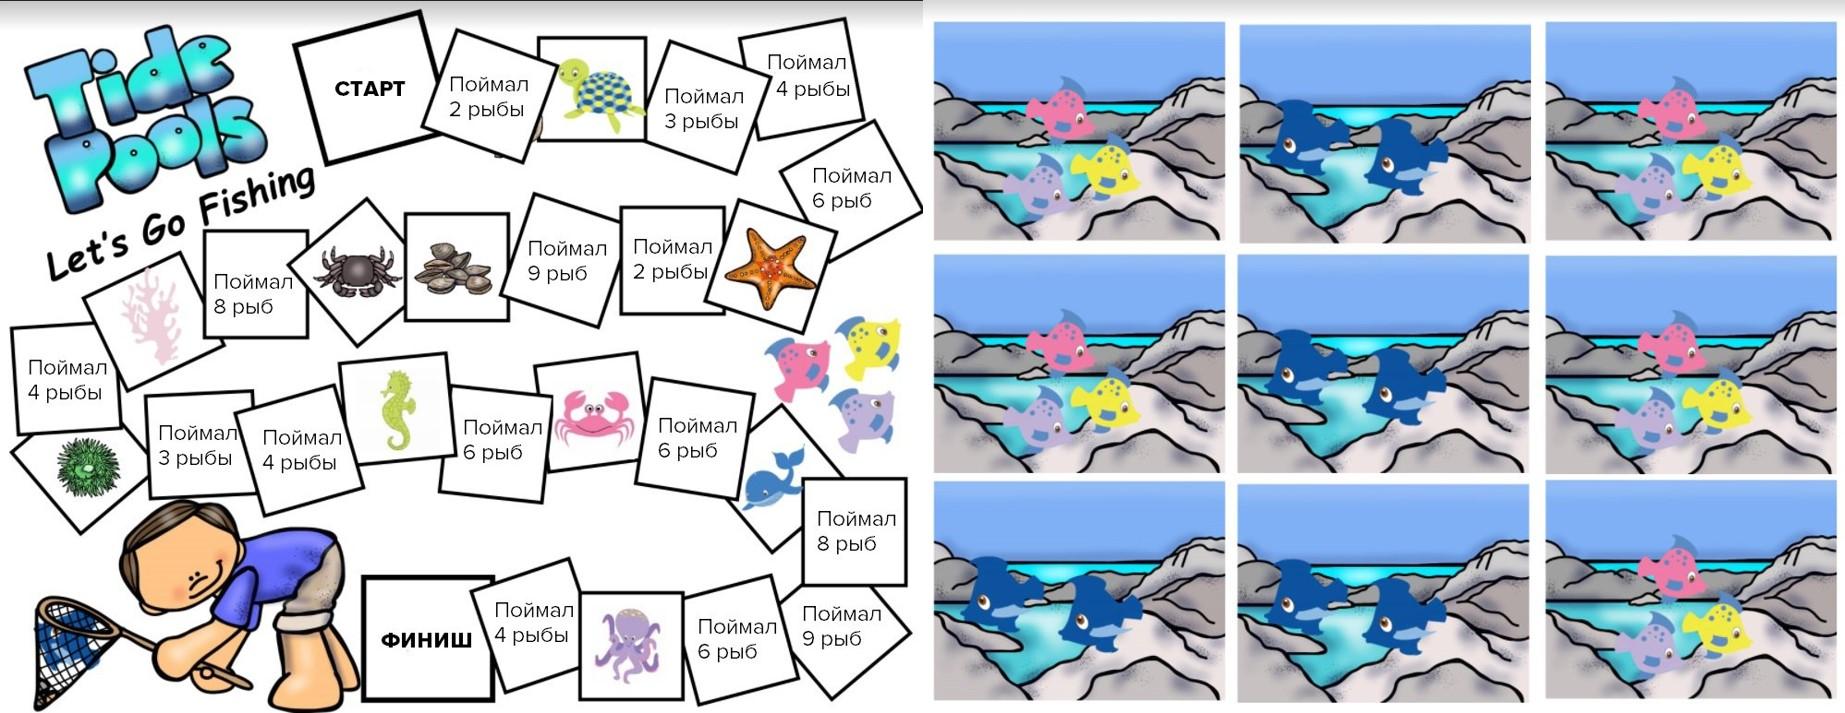 Игровое поле и карточки с рыбами.